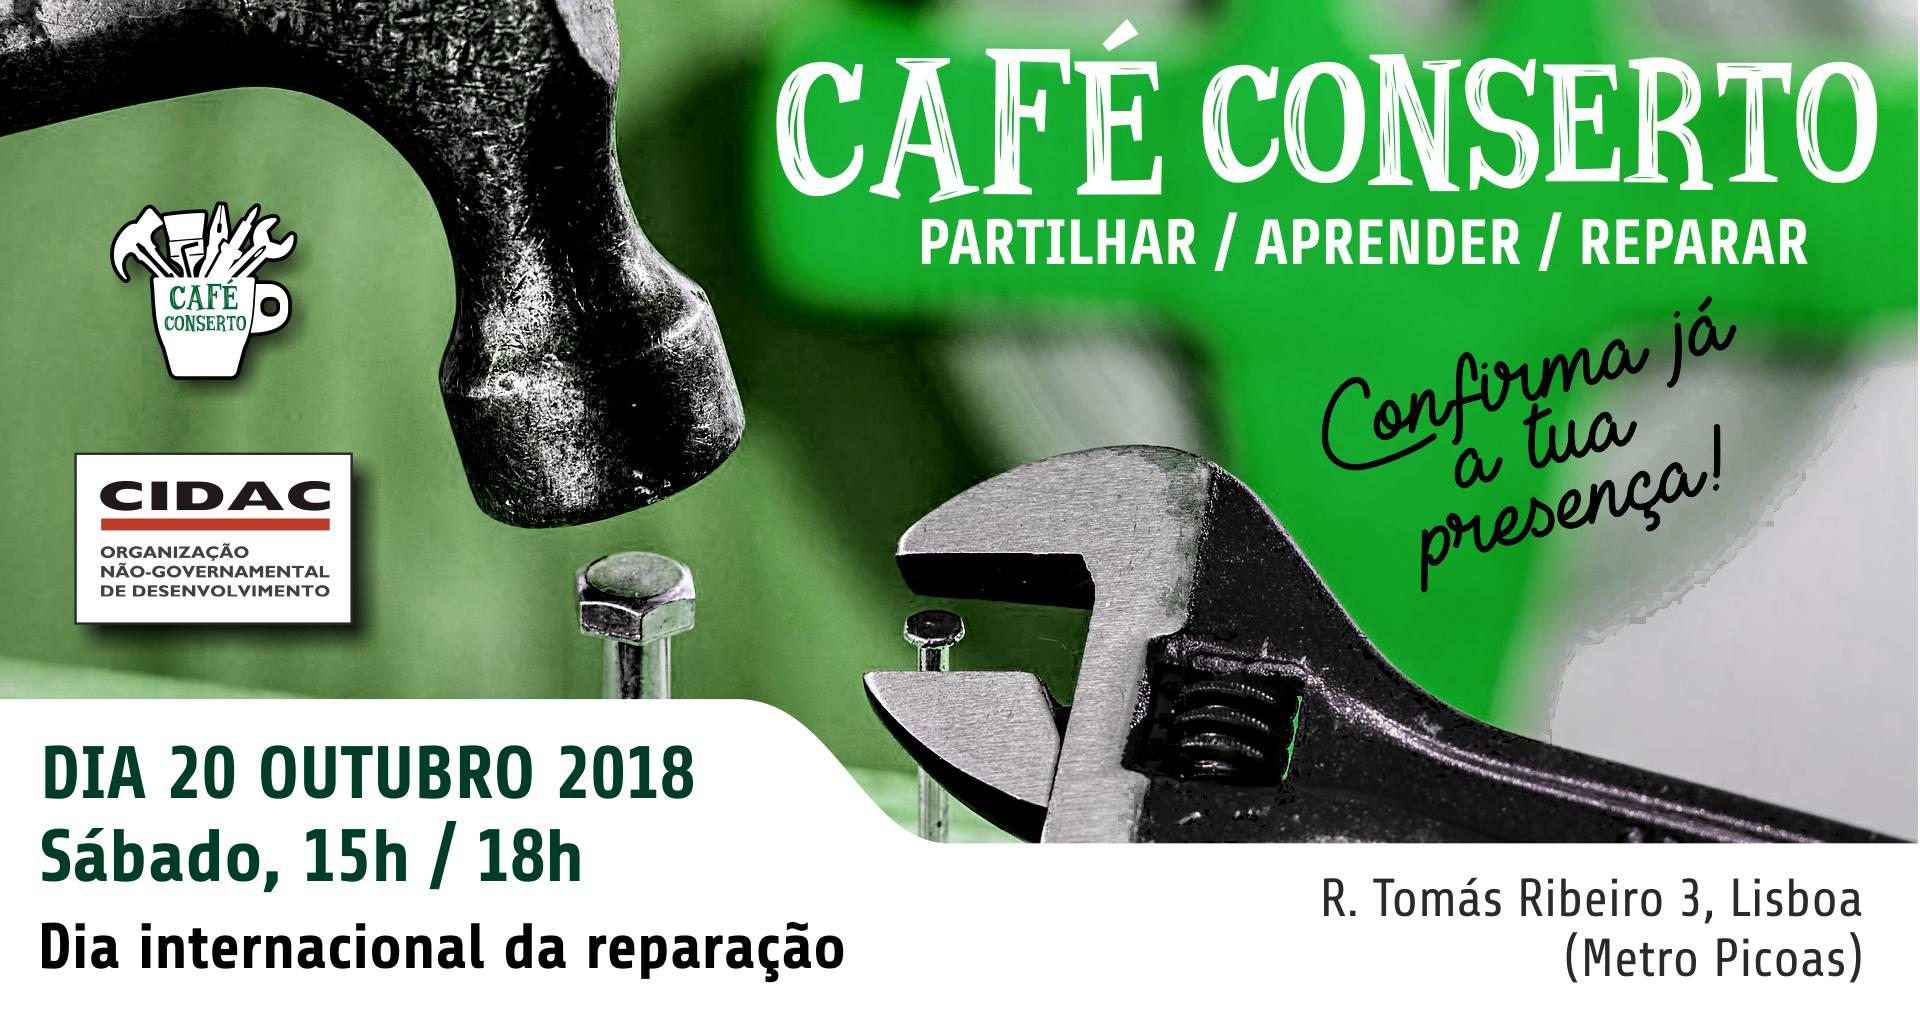 Café ConSerto no CIDAC em Lisboa